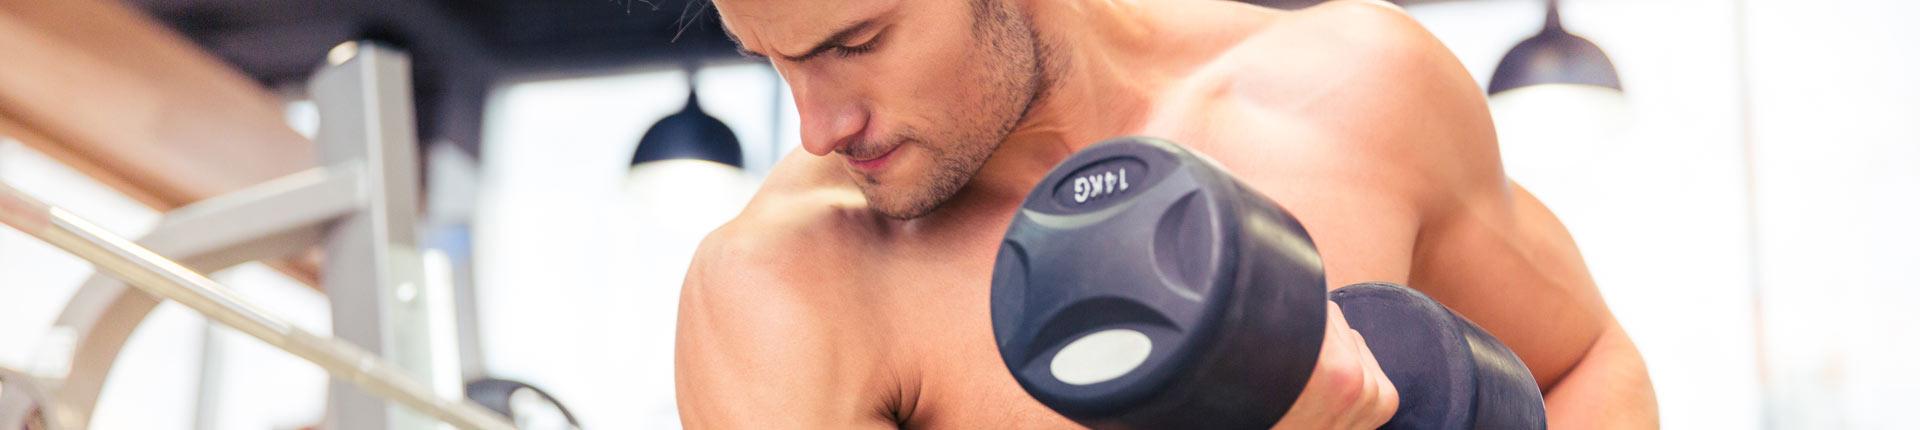 Jak przełamać stagnację treningową? Kilka sztuczek